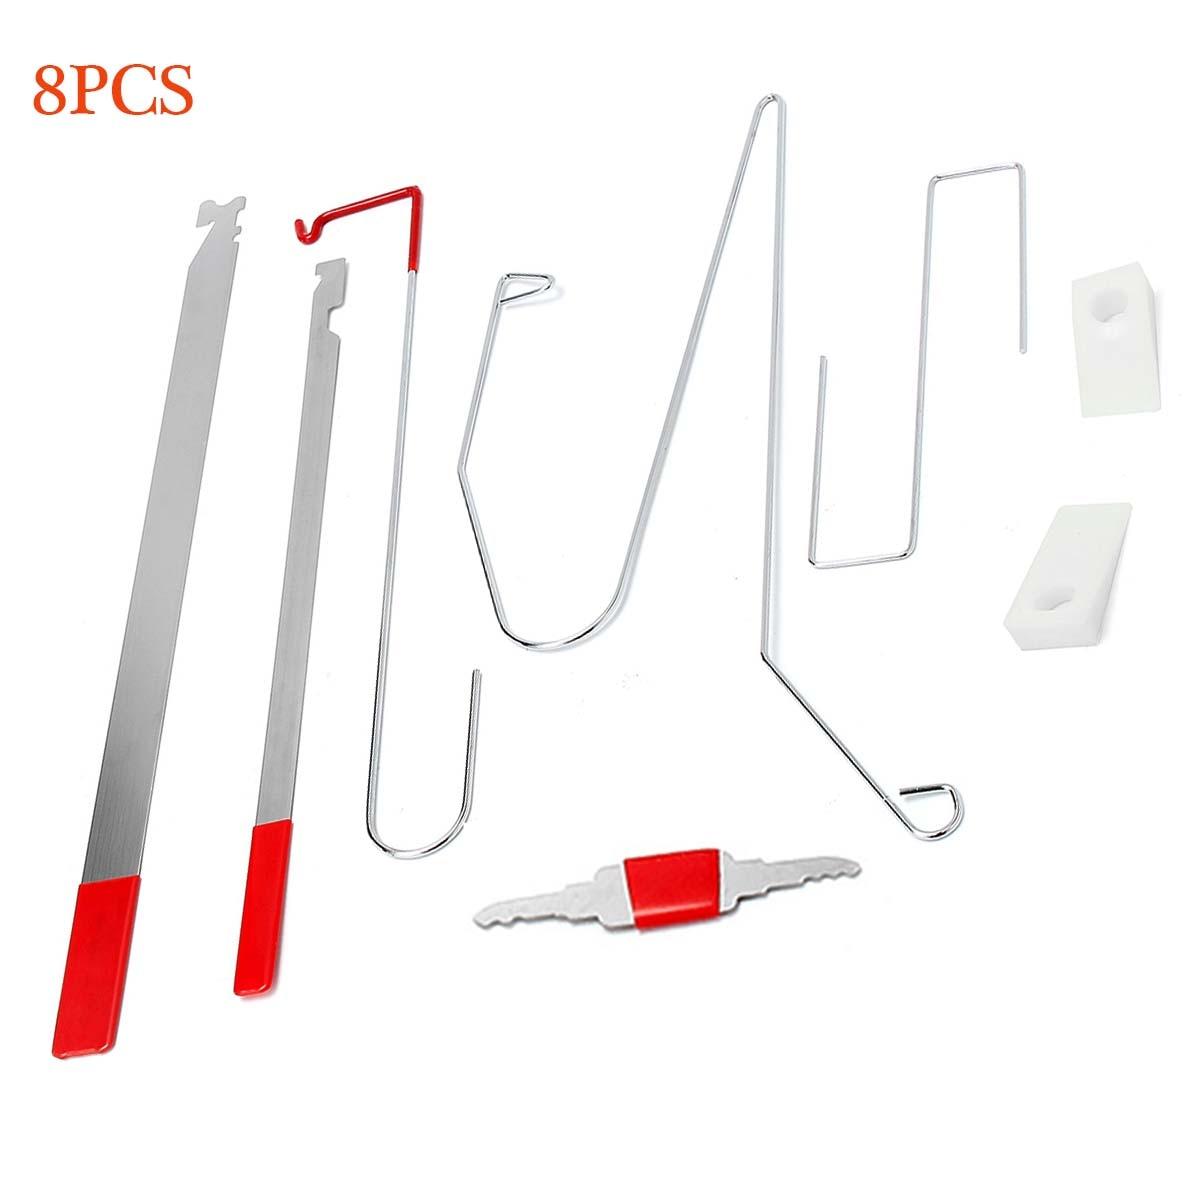 8 Pcs Universal Verrouillage Outil Kit Déverrouiller la Porte de Voiture D'ouverture Accès Outils Bump Key Kit